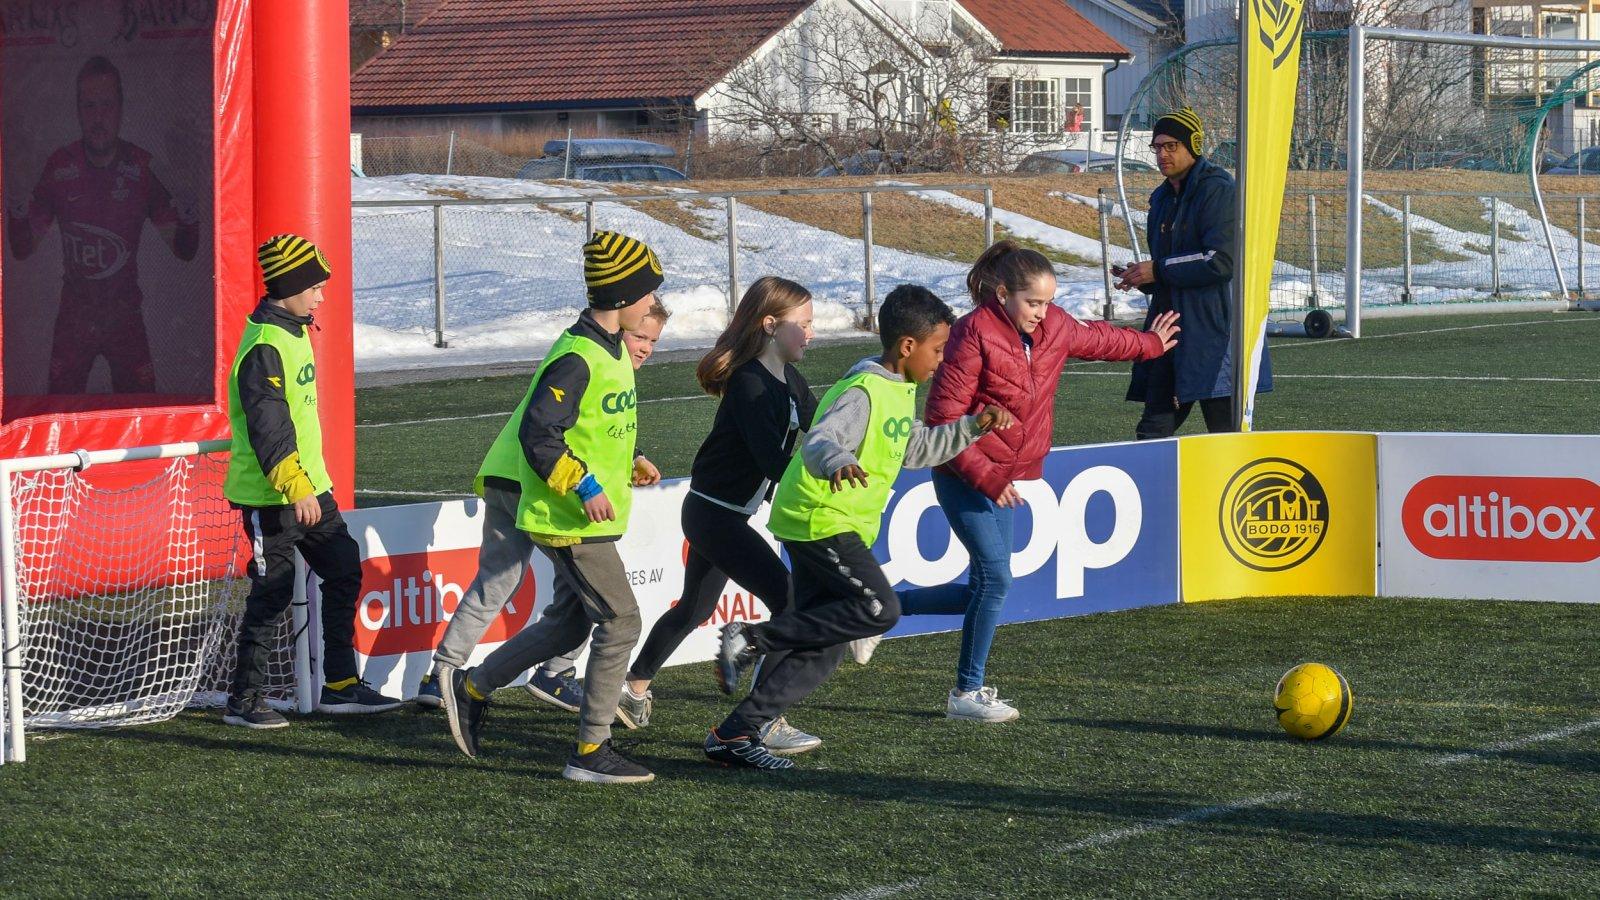 Barna kan spille fotball i fotballbingen.